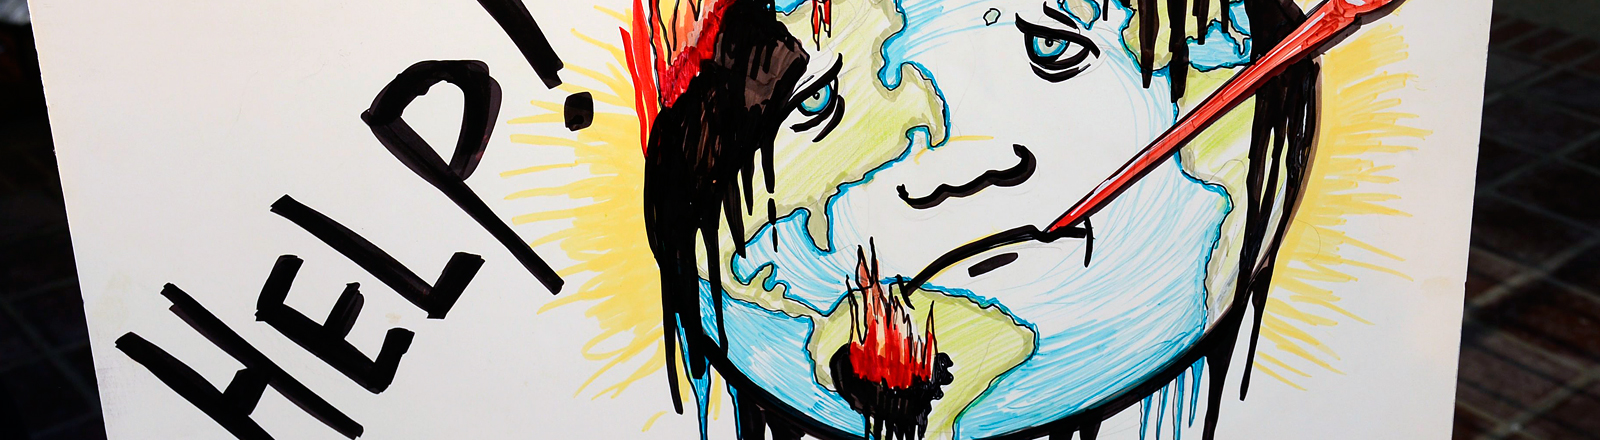 Demo zum Klimaschutz - Banner mit rauchender Erde